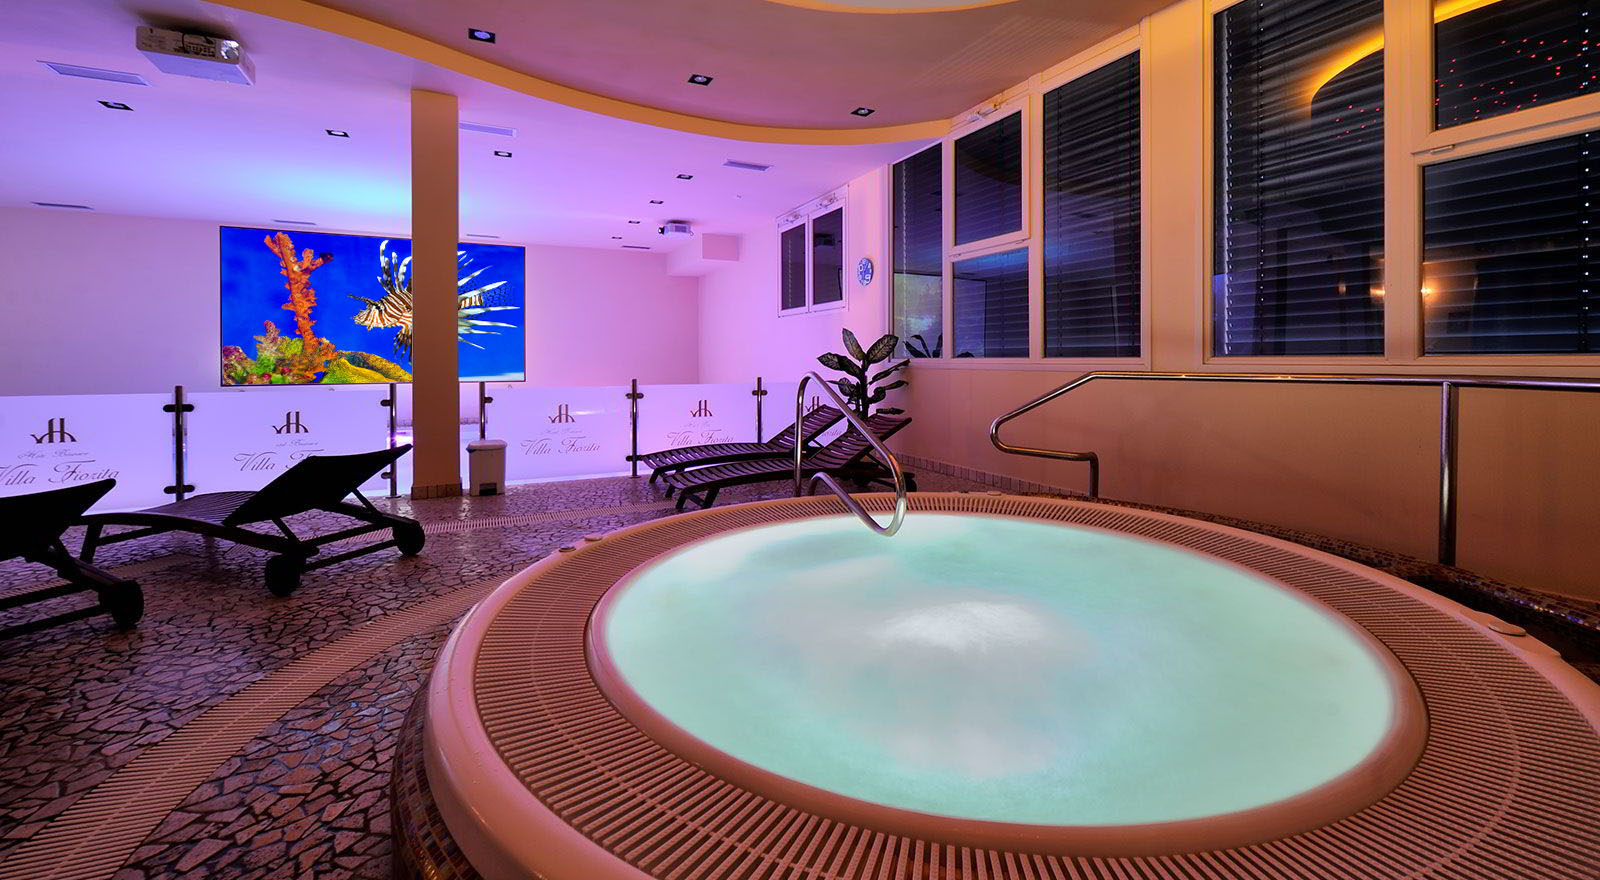 Hotel Spa Umbria - Centro Benessere in Umbria | Hotel Benessere ...